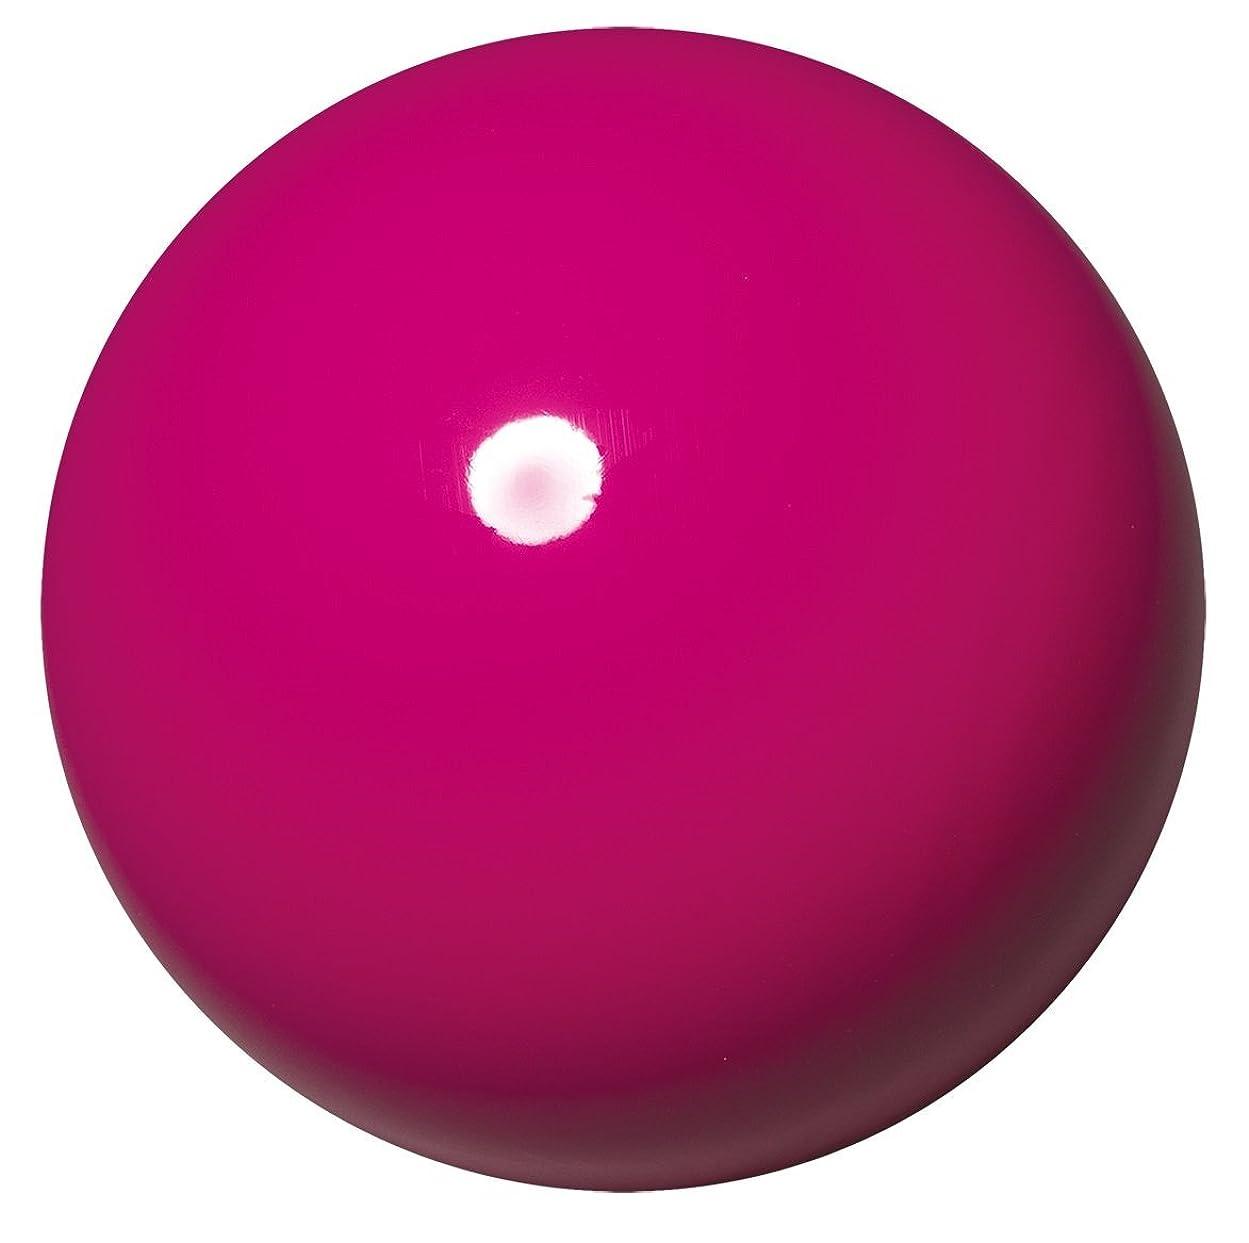 依存がんばり続けるマイルドササキ(SASAKI) 新体操 手具 ボール 国際体操連盟認定品 日本体操協会検定品 ジムスターボール 直径18.5cm M-20A-F